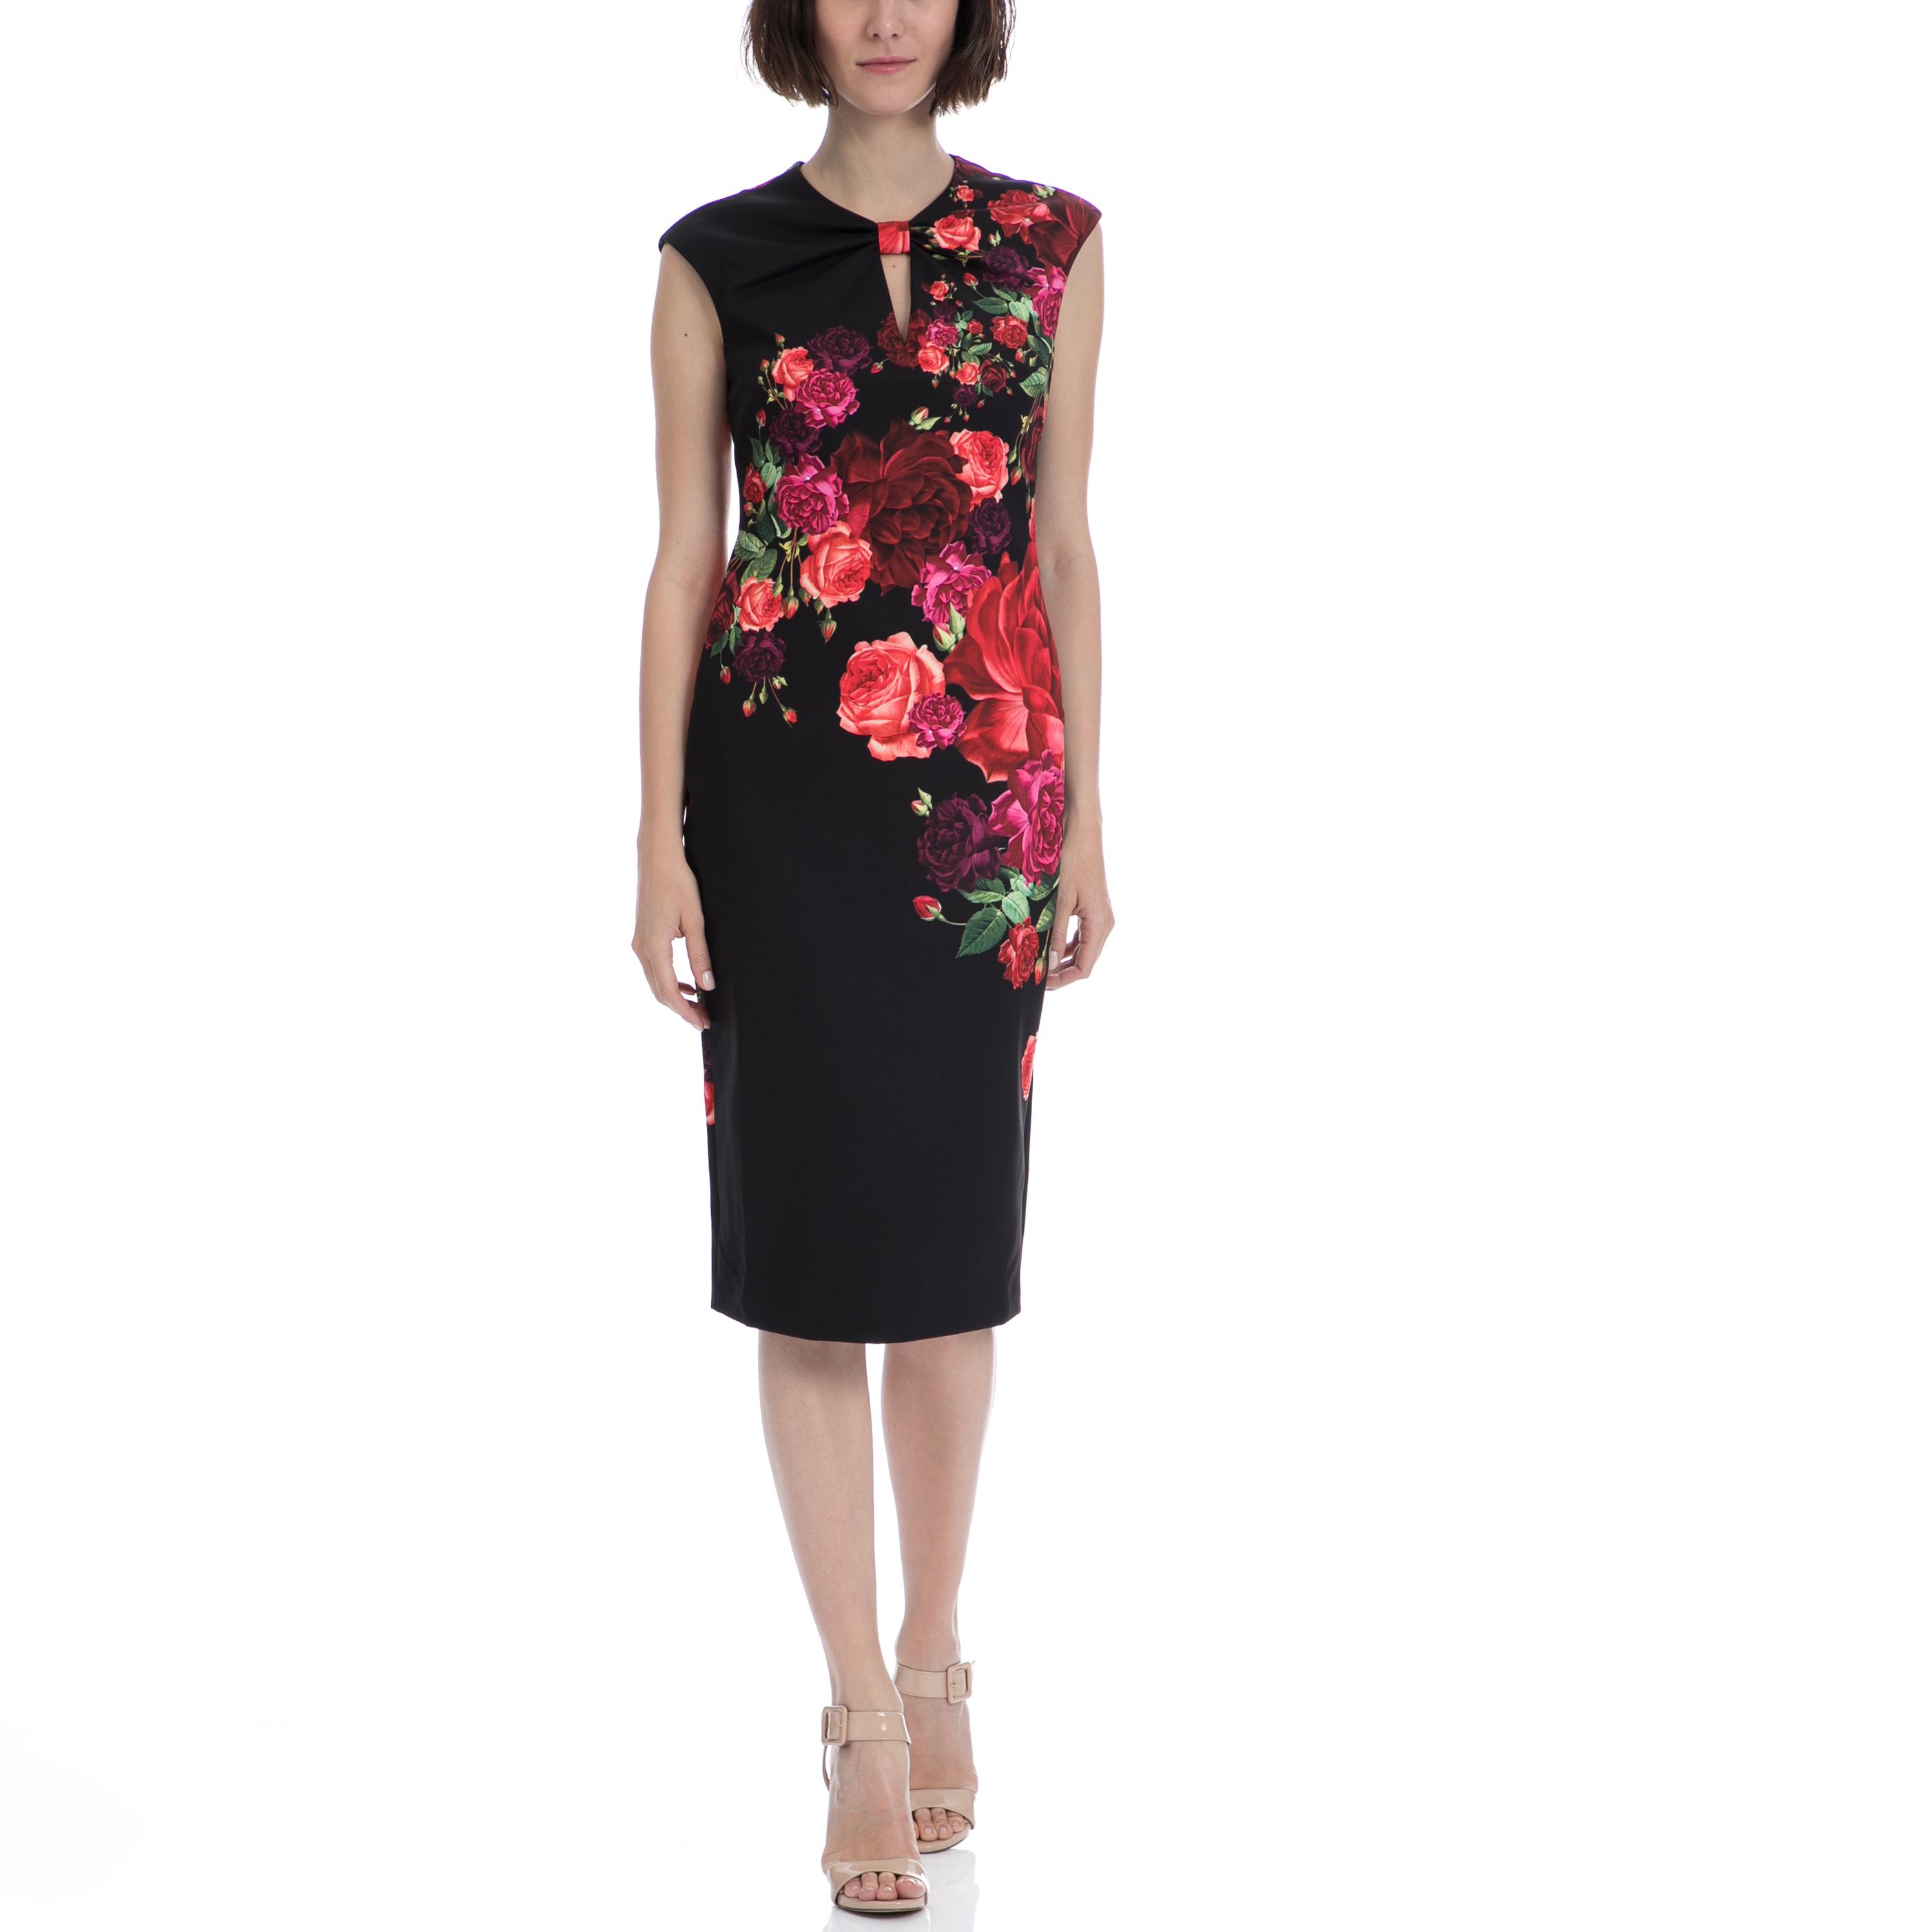 830b3ccbd387 TED BAKER - Μίντι φόρεμα TED BAKER MIRRIE JUXTAPOSE ROSE KNOT DRESS μαύρο  φλοράλ